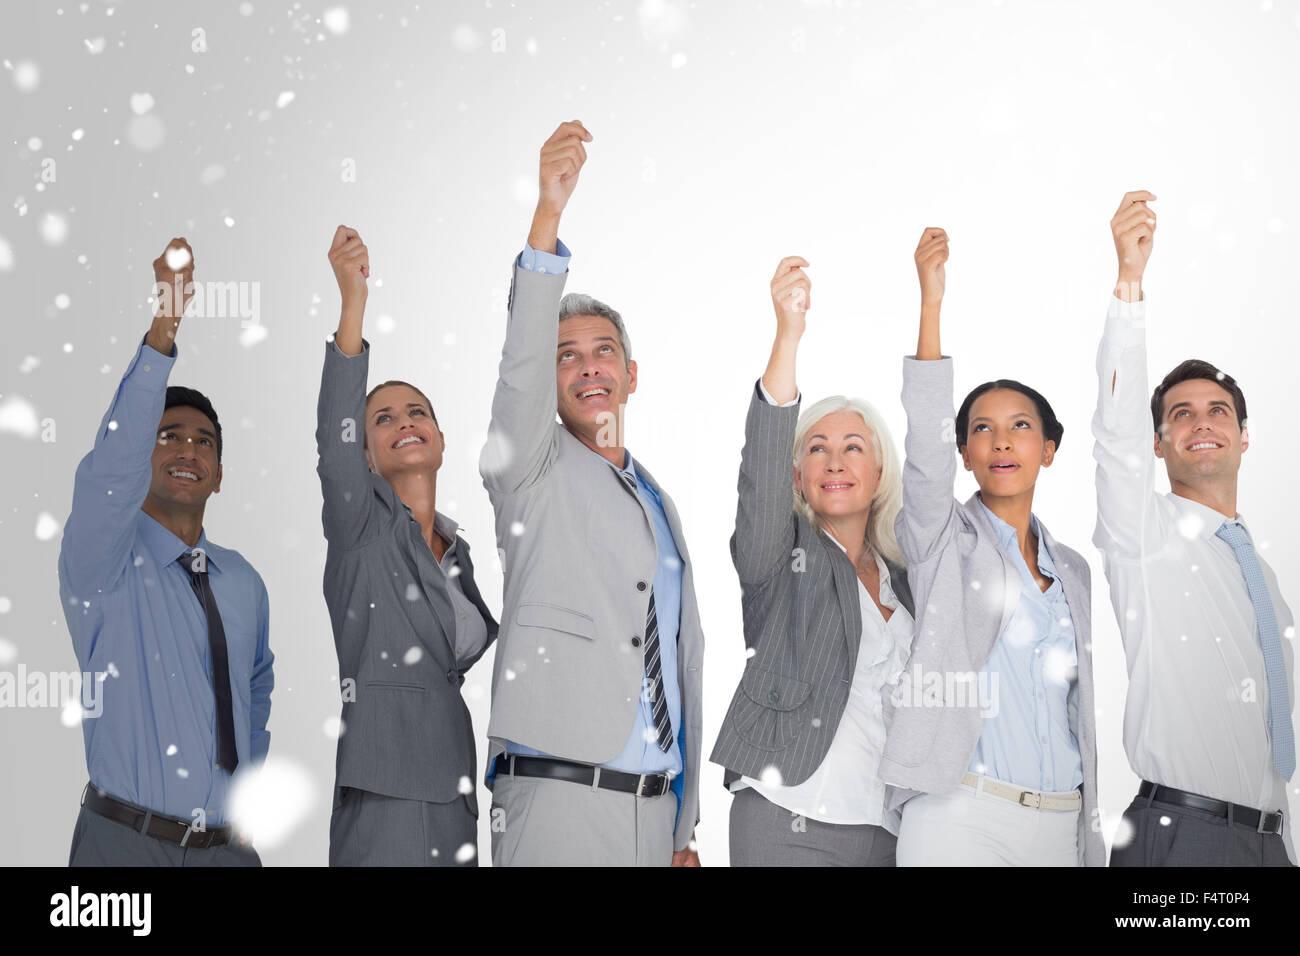 Zusammengesetztes Bild des Lächelns Geschäftsleute Hände erhebend Stockfoto